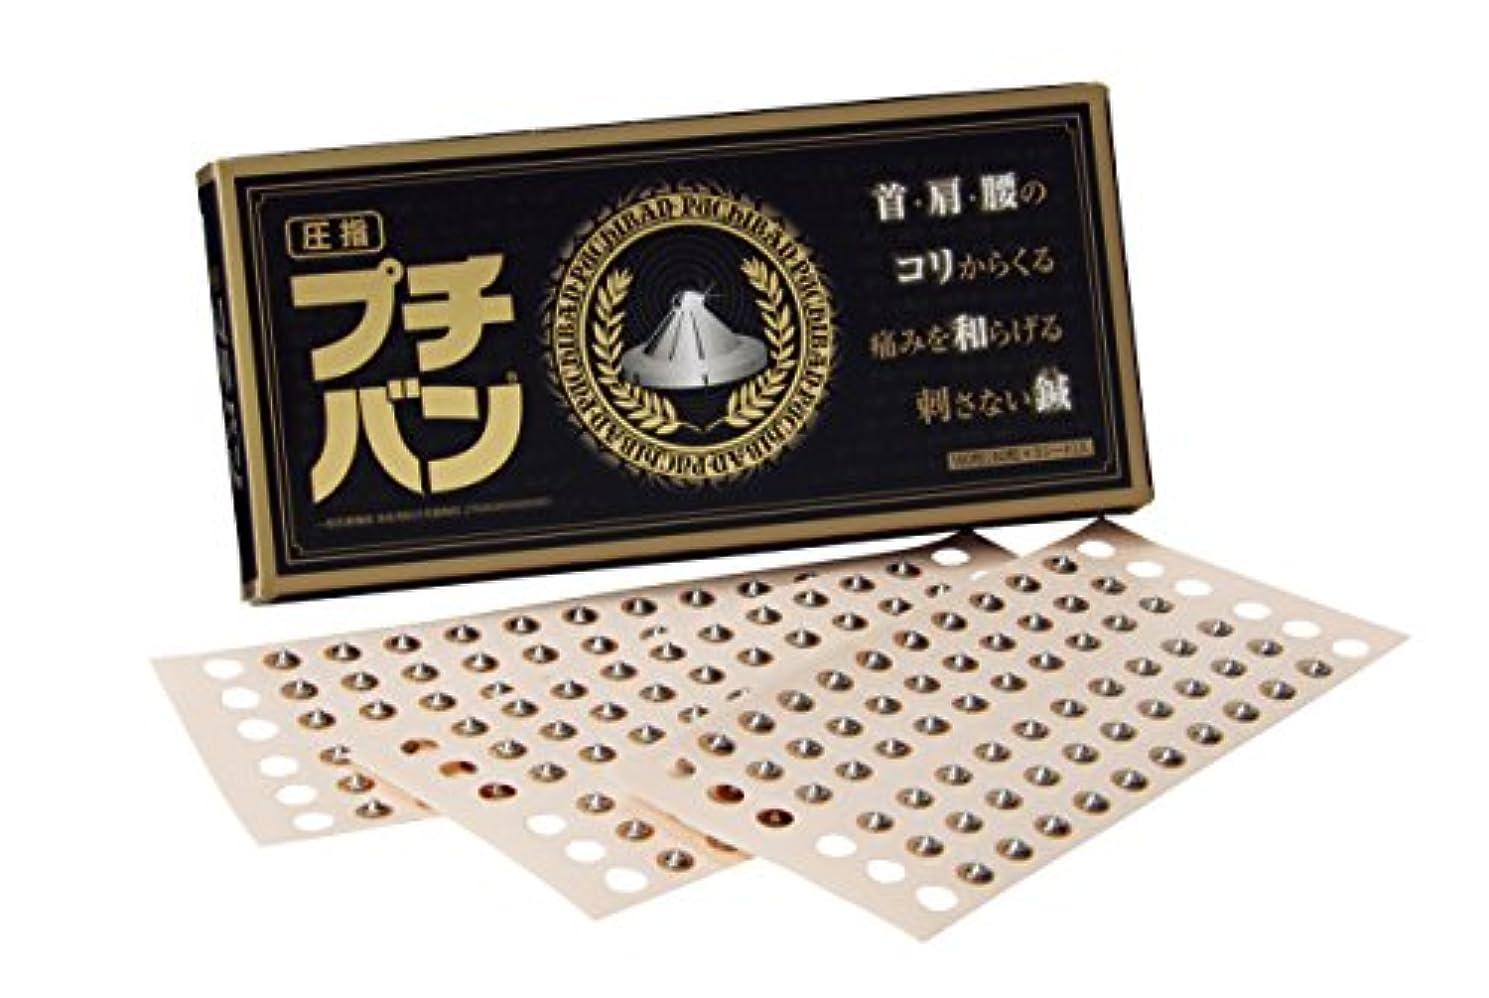 船尾無限大しわ一般医療機器 家庭用貼付型接触粒 プチバン 180粒入 黒金パッケージ